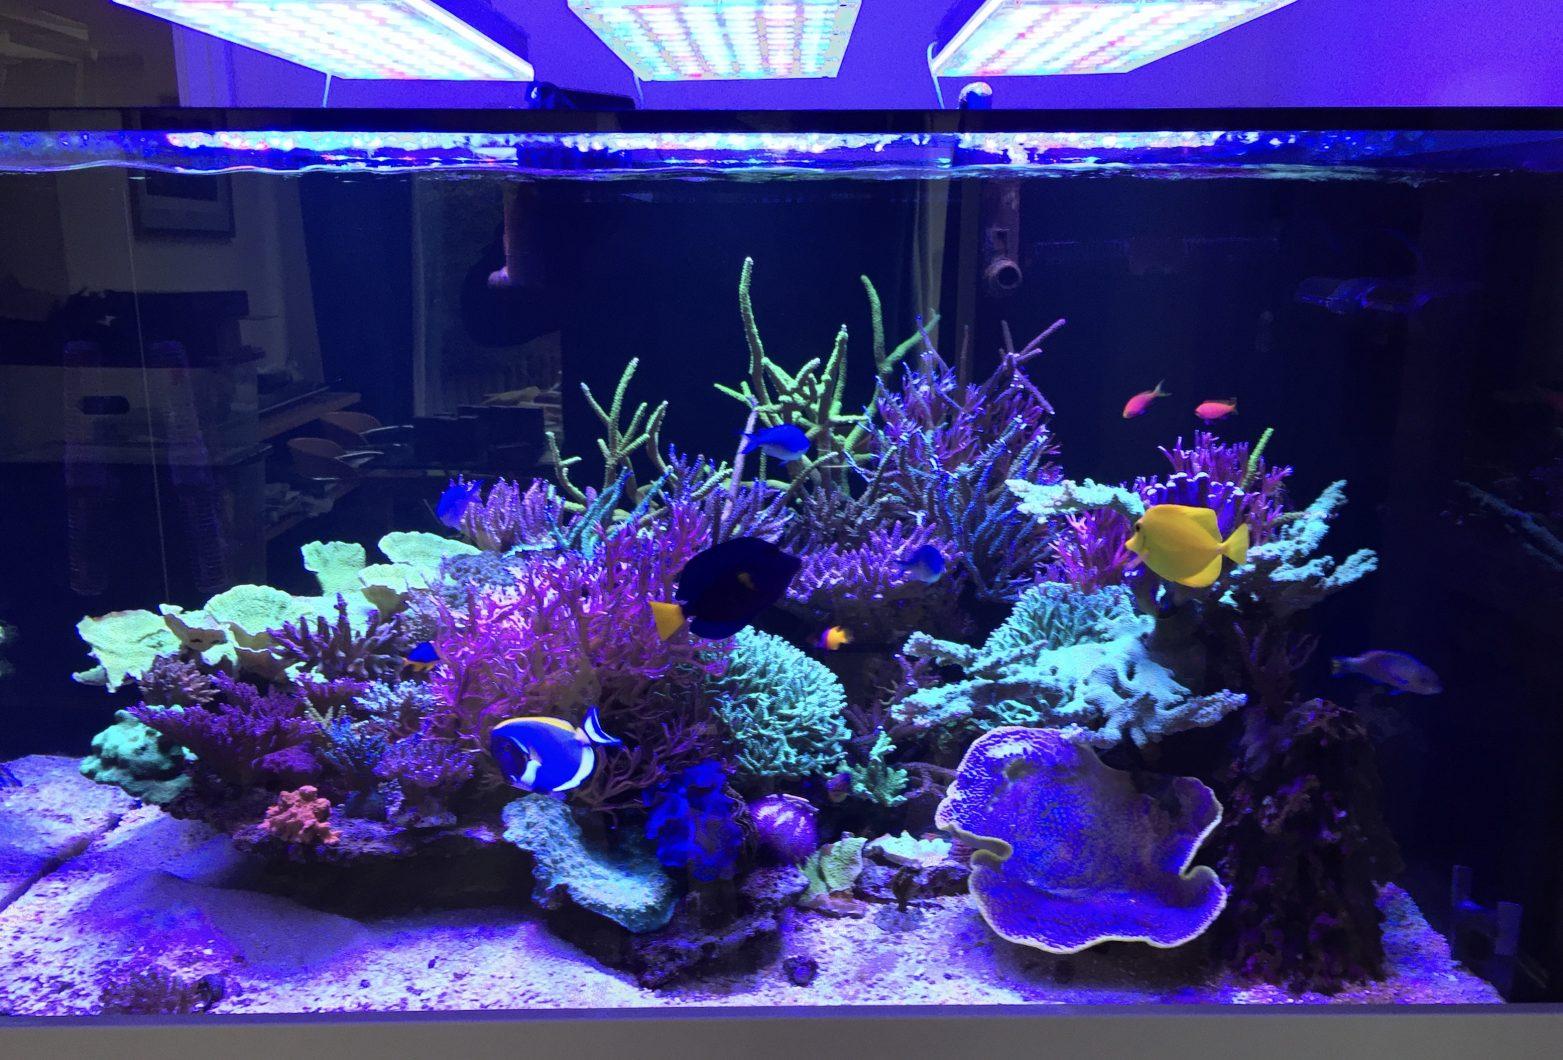 beau réservoir de récif meilleur éclairage